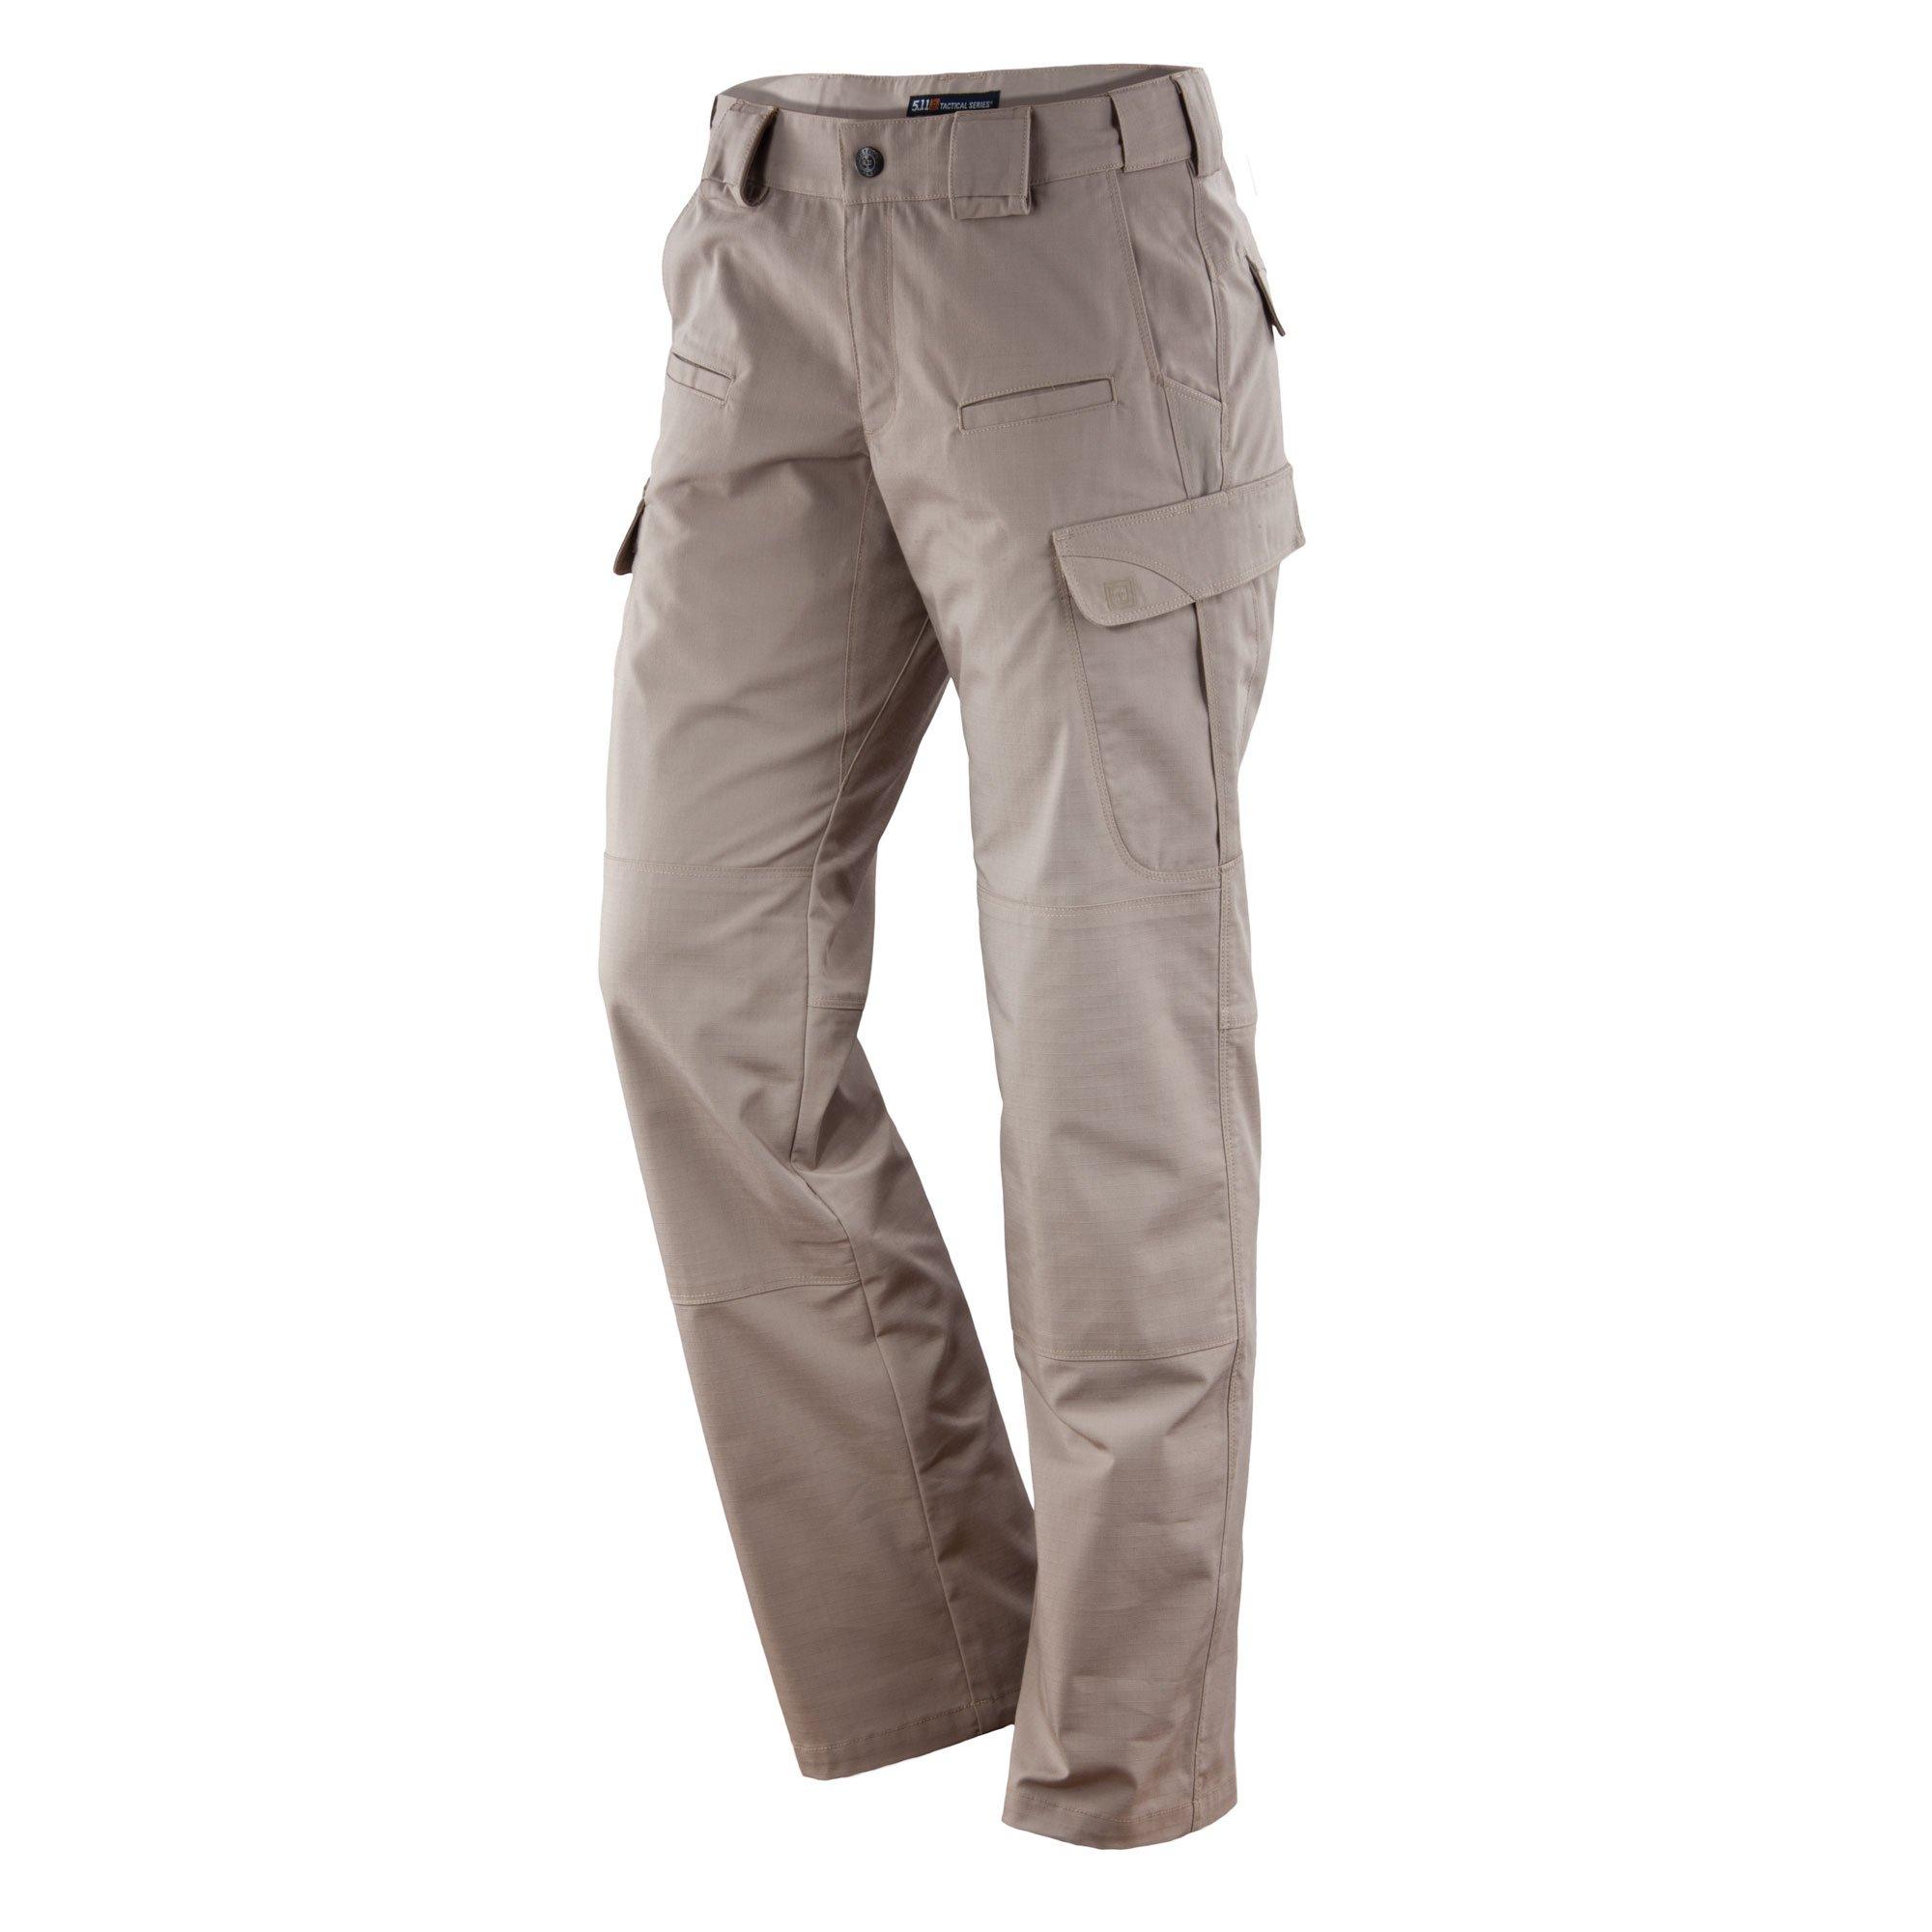 5.11 Tactical Women's EDC Stryke Pants, Khaki, 0/Long by 5.11